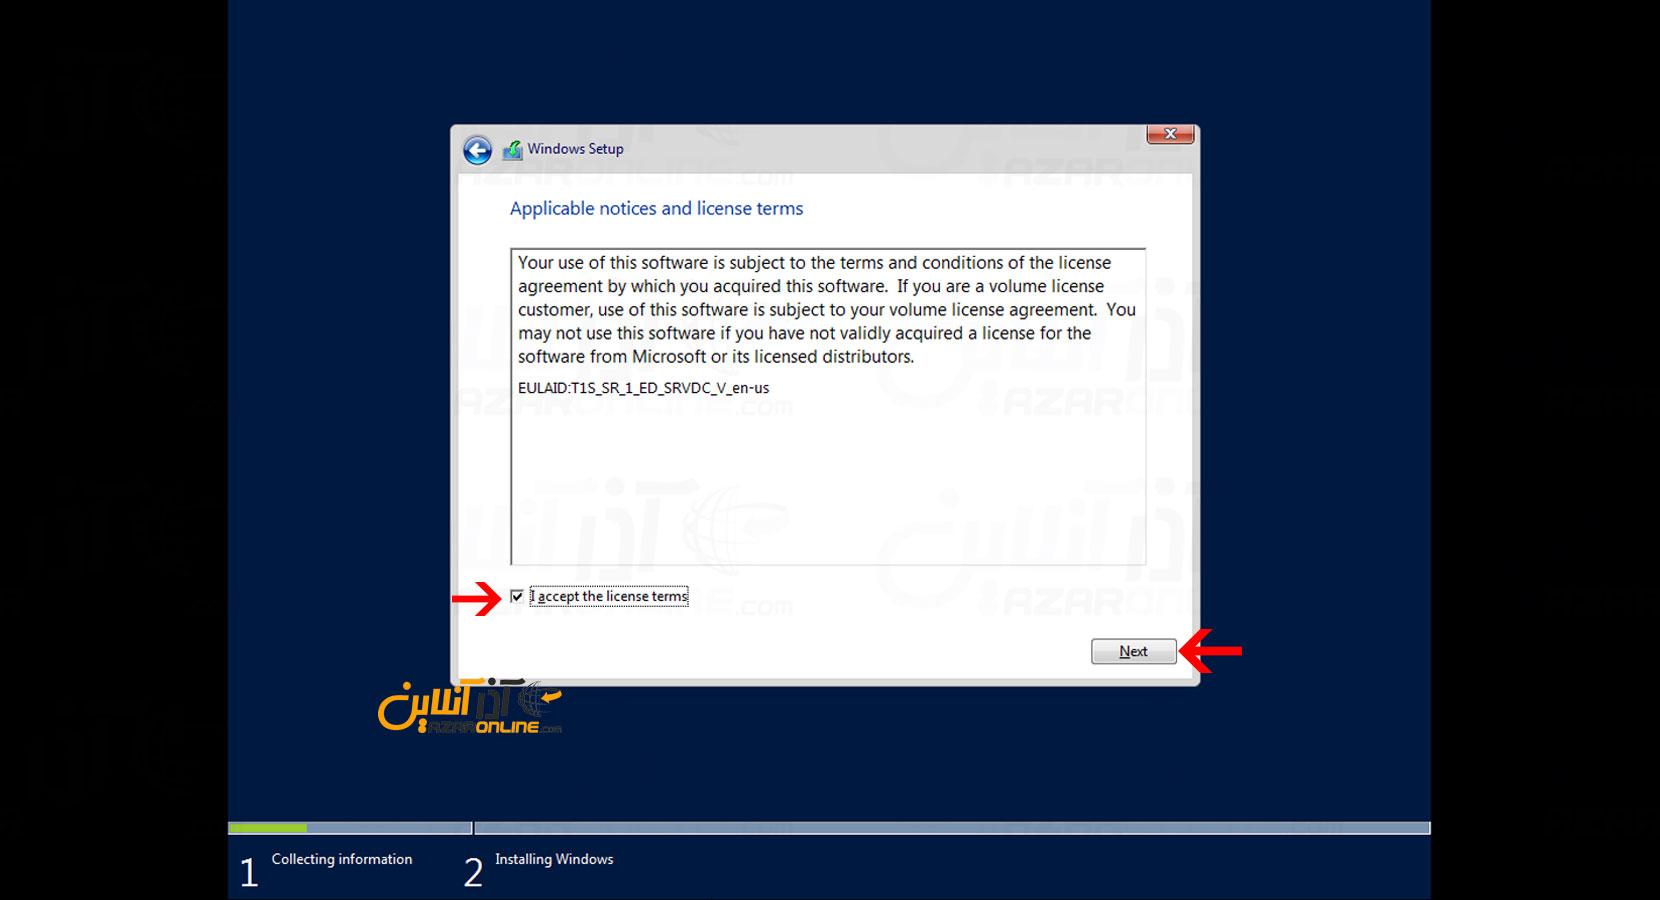 آموزش نصب ویندوز سرور 2016 در vmware - تیک لایسنس اگریمنت